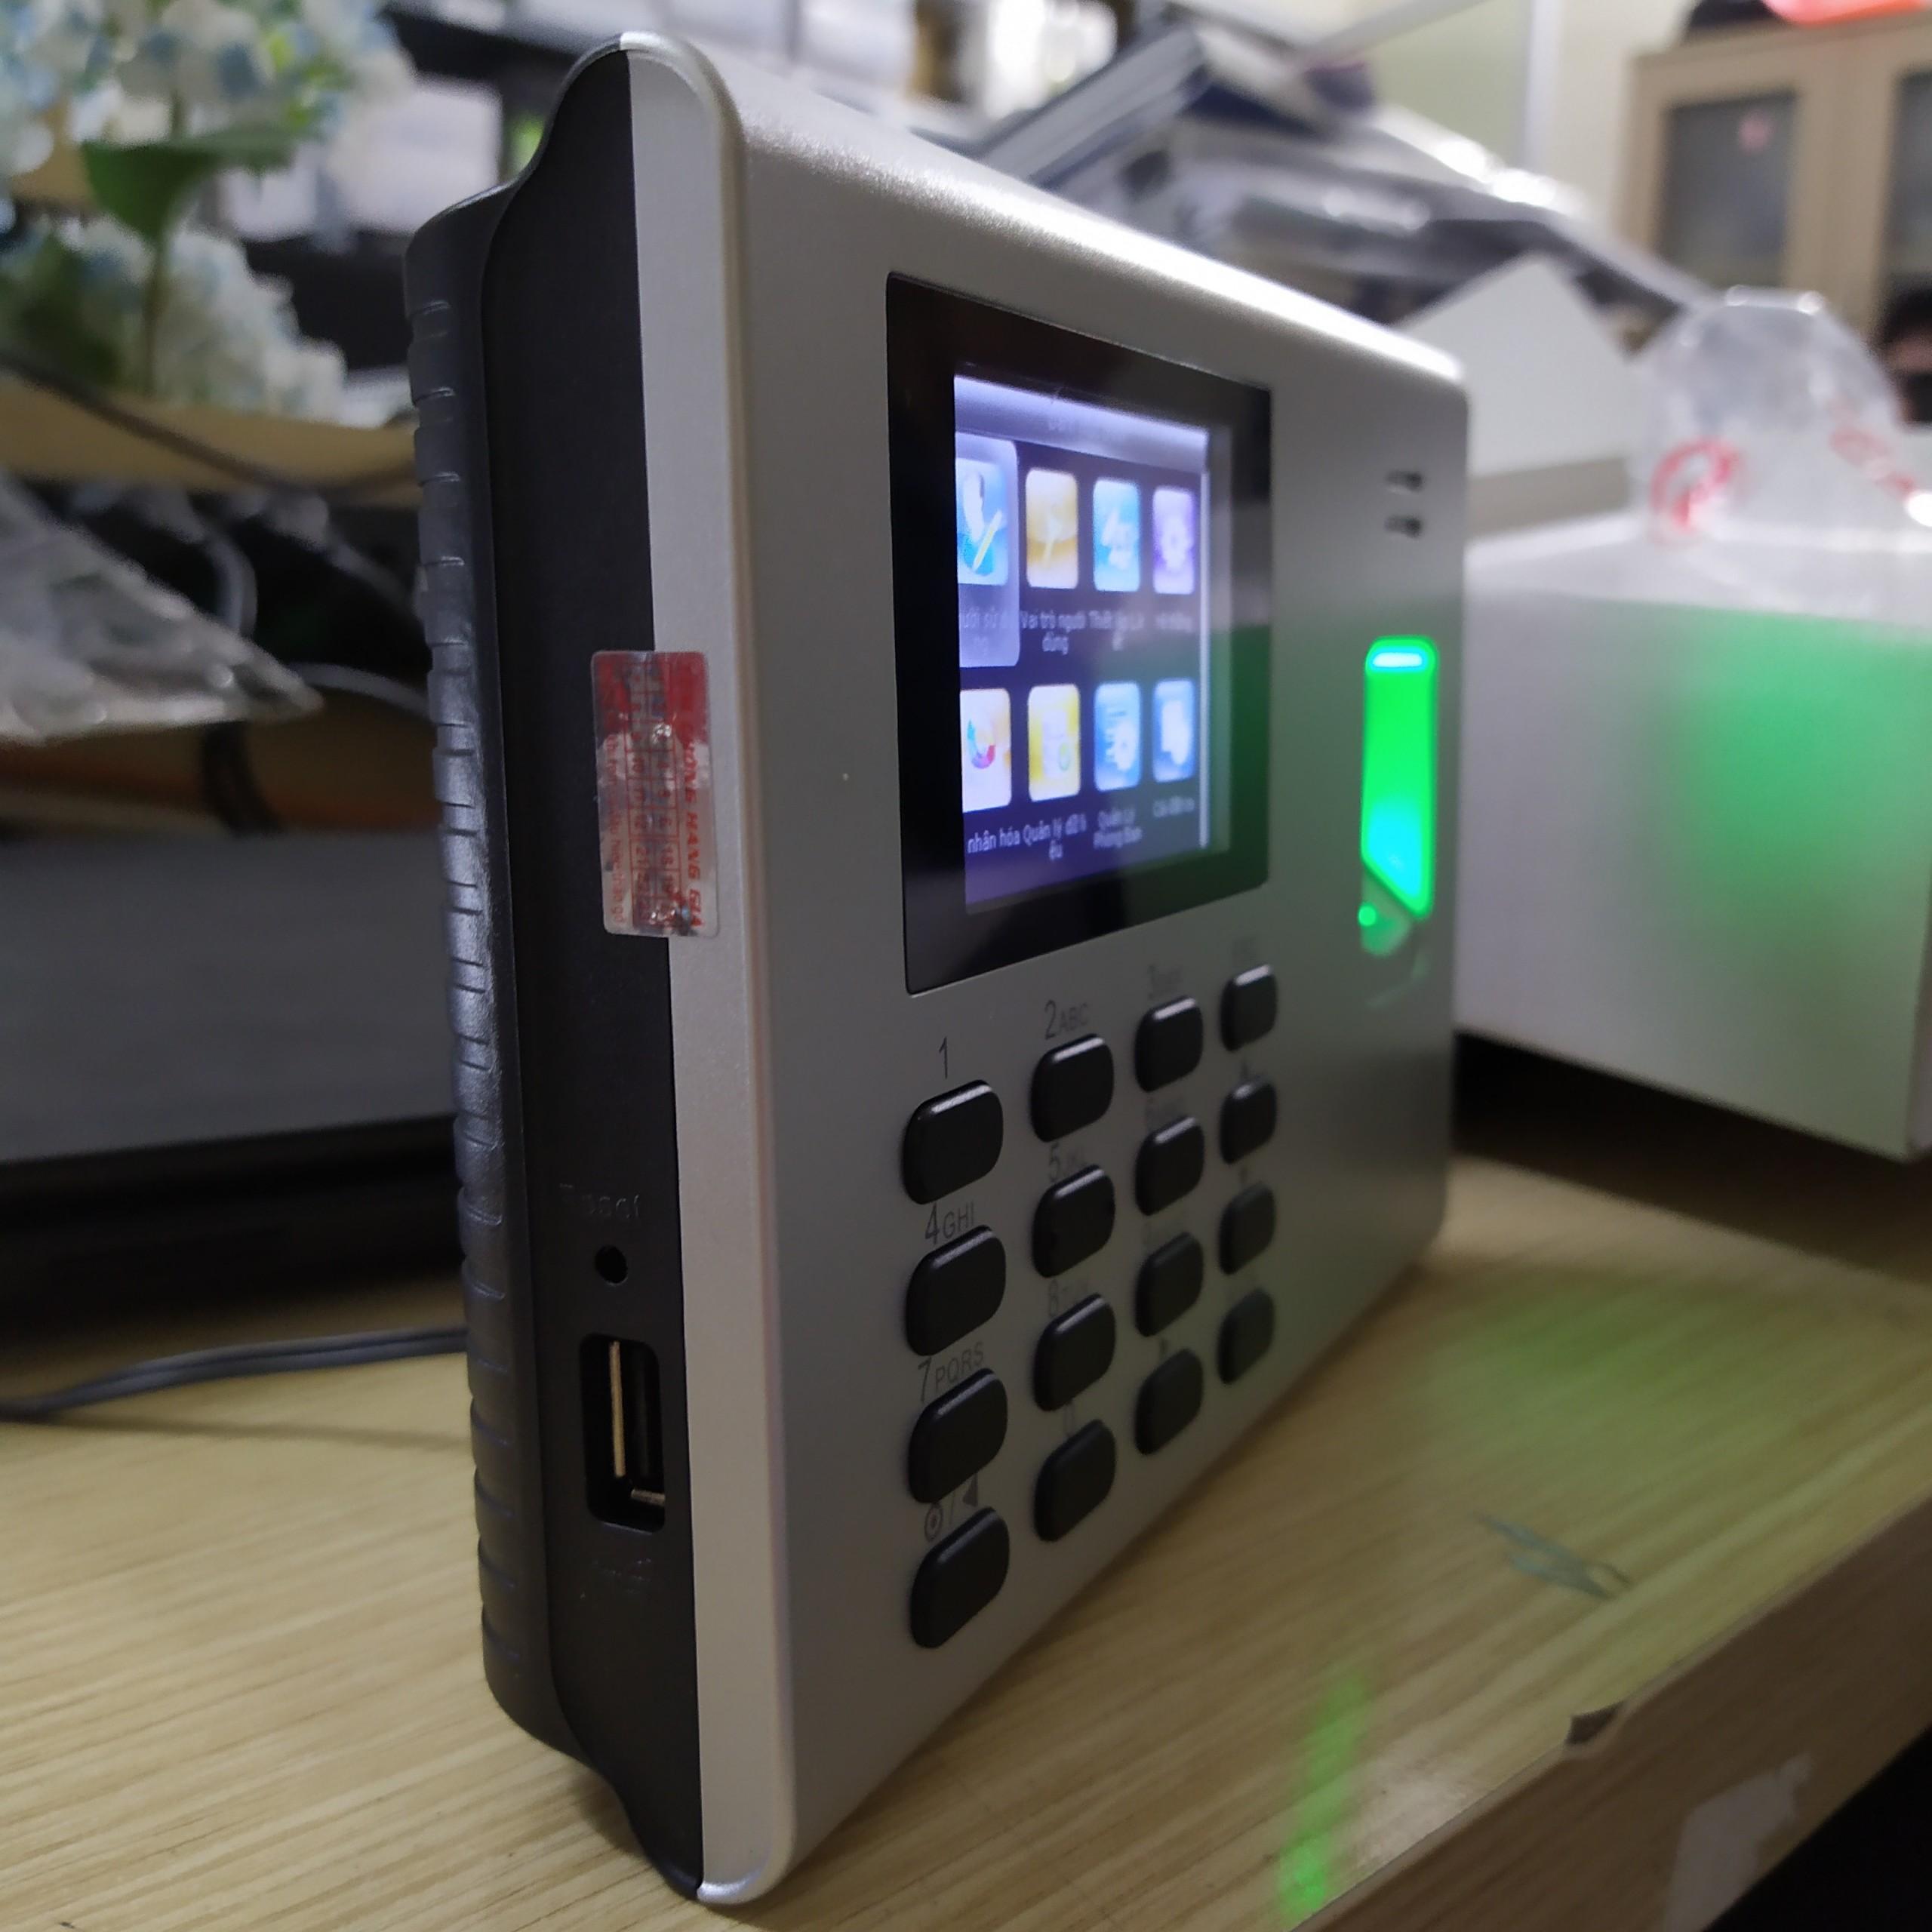 thiết kế tích hợp pin có thể để bàn để chấm công